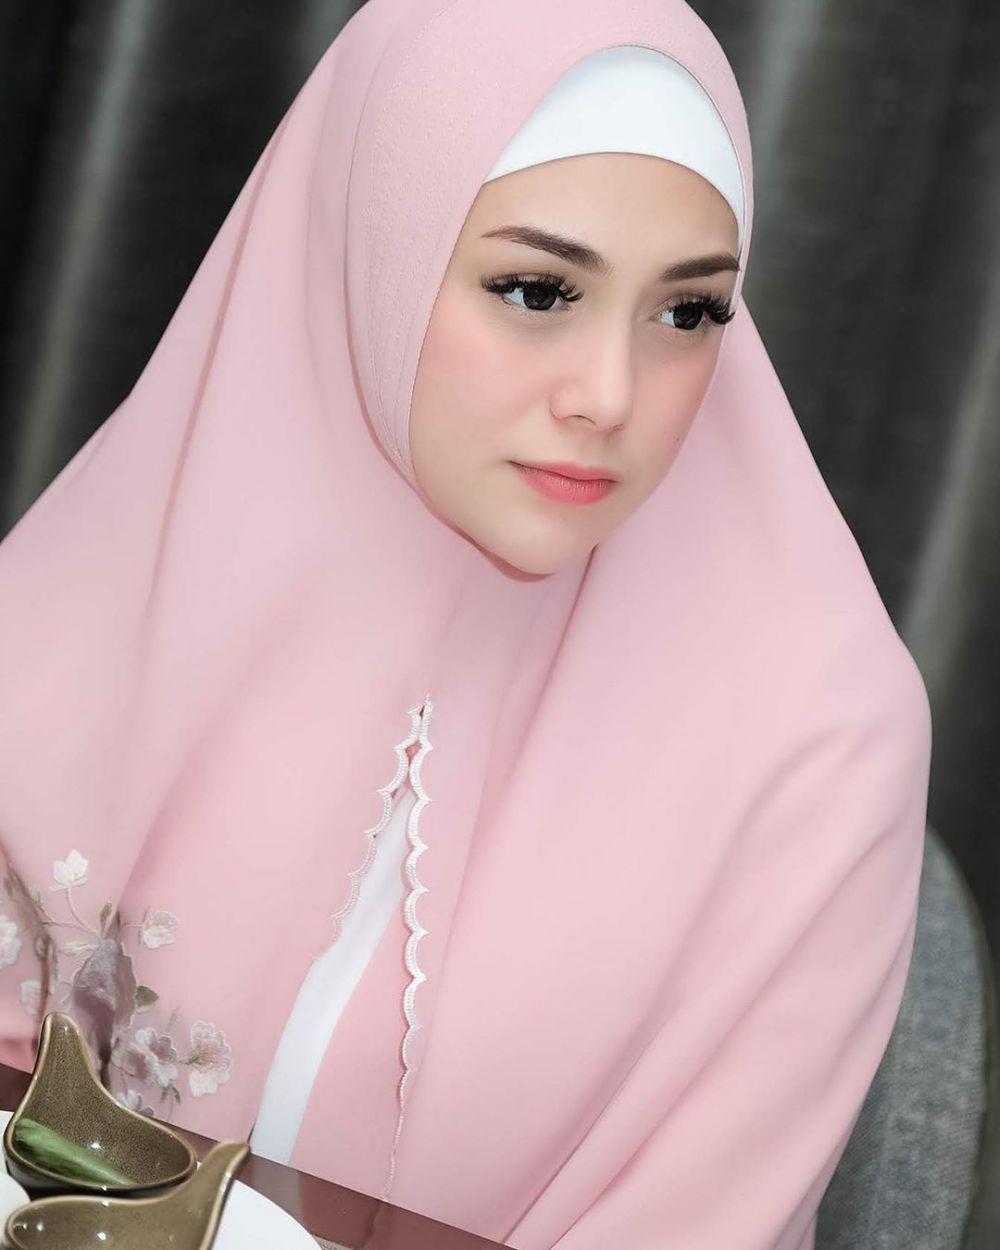 13 Potret Seleb Nonmuslim Berhijab Tampil Cantik Dan Memesona